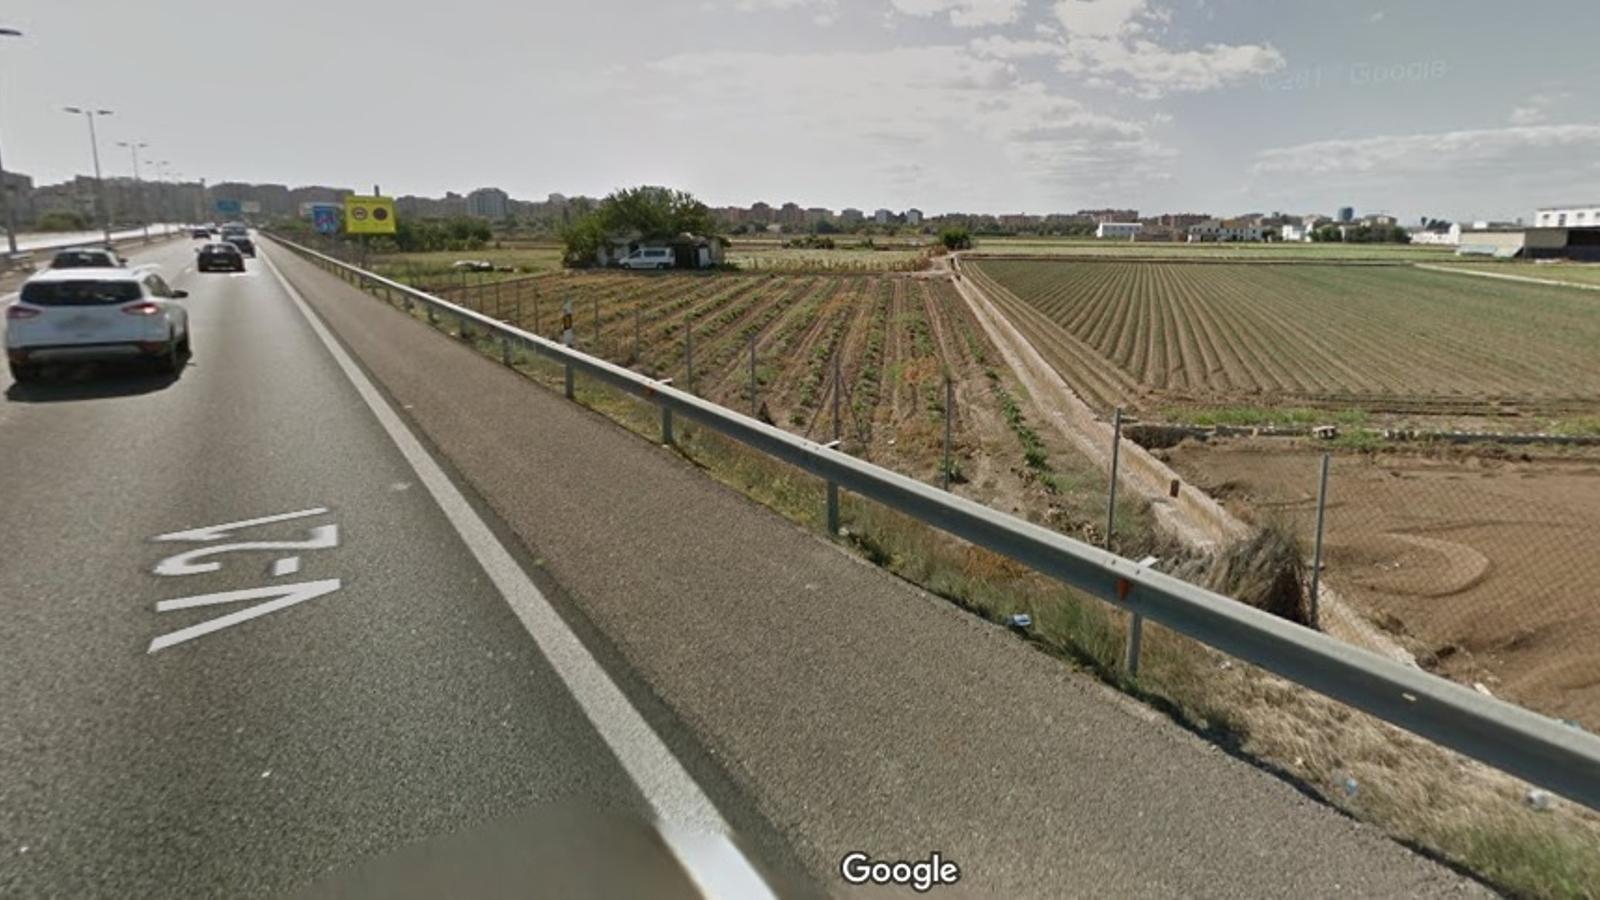 Espai d'horta que es veuria afectat per l'ampliació de l'autovia V-21 a la seva arribada a la ciutat de València